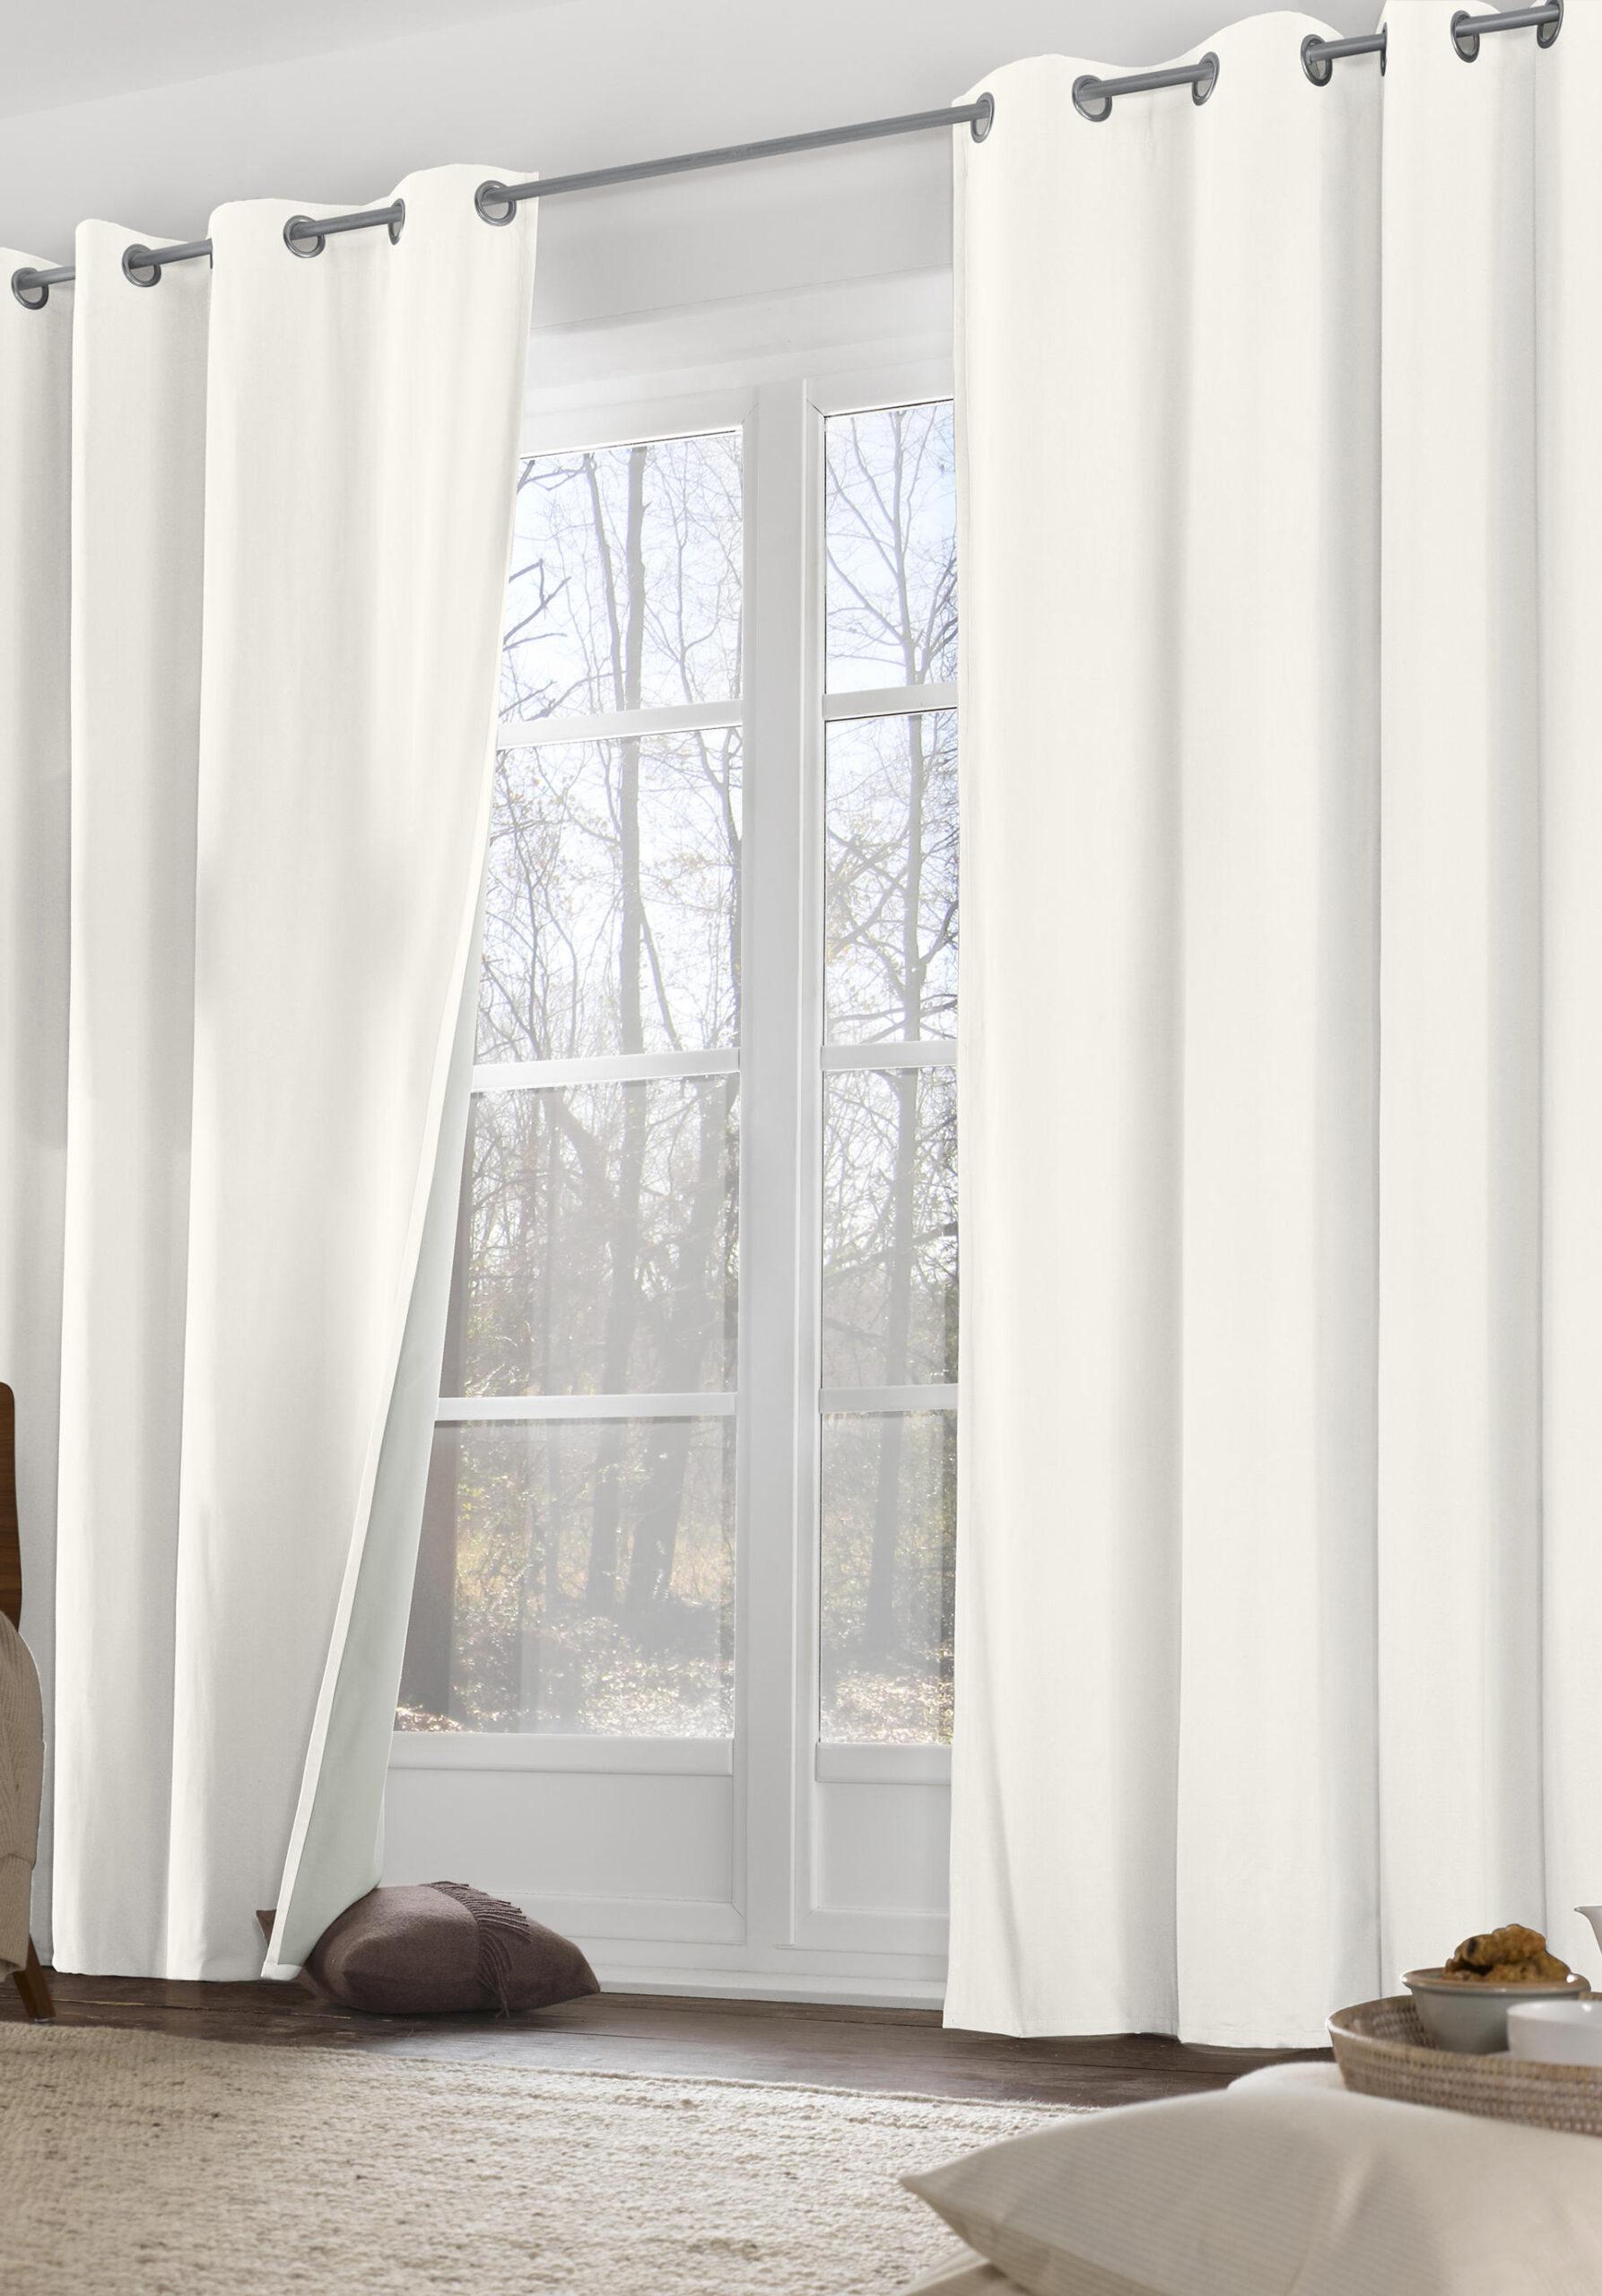 Full Size of Thermo Vorhang Neveres Mit Sen Aus Reiner Bio Baumwolle Vorhänge Küche Wohnzimmer Schlafzimmer Wohnzimmer Vorhänge